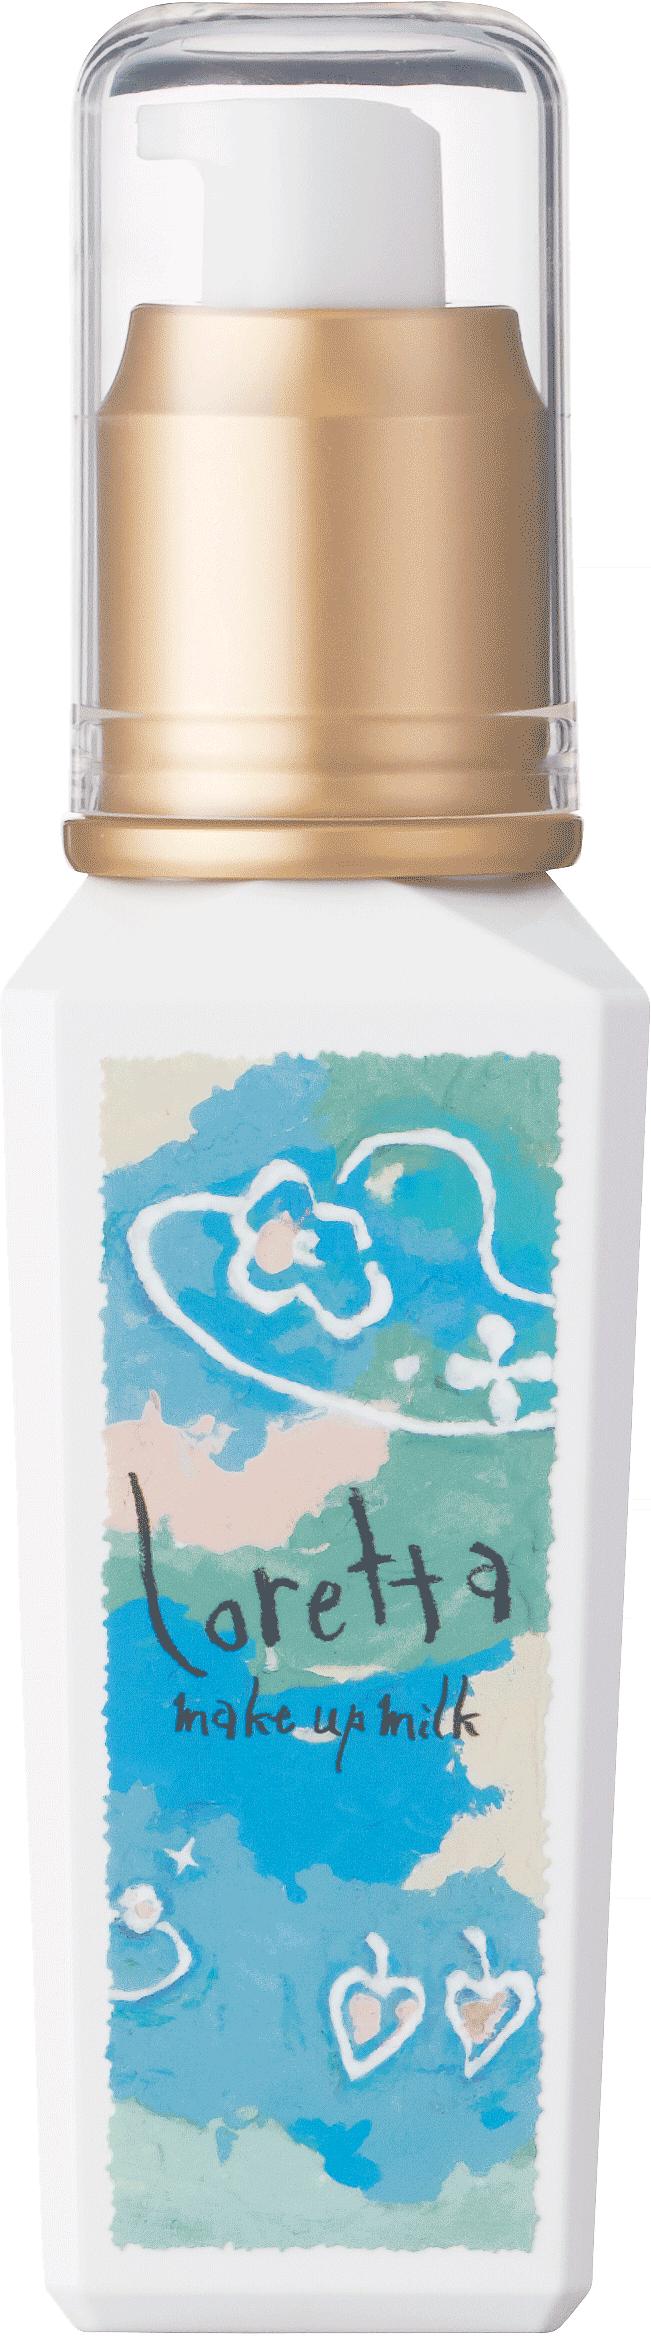 メイクアップミルク(ナチュラル)